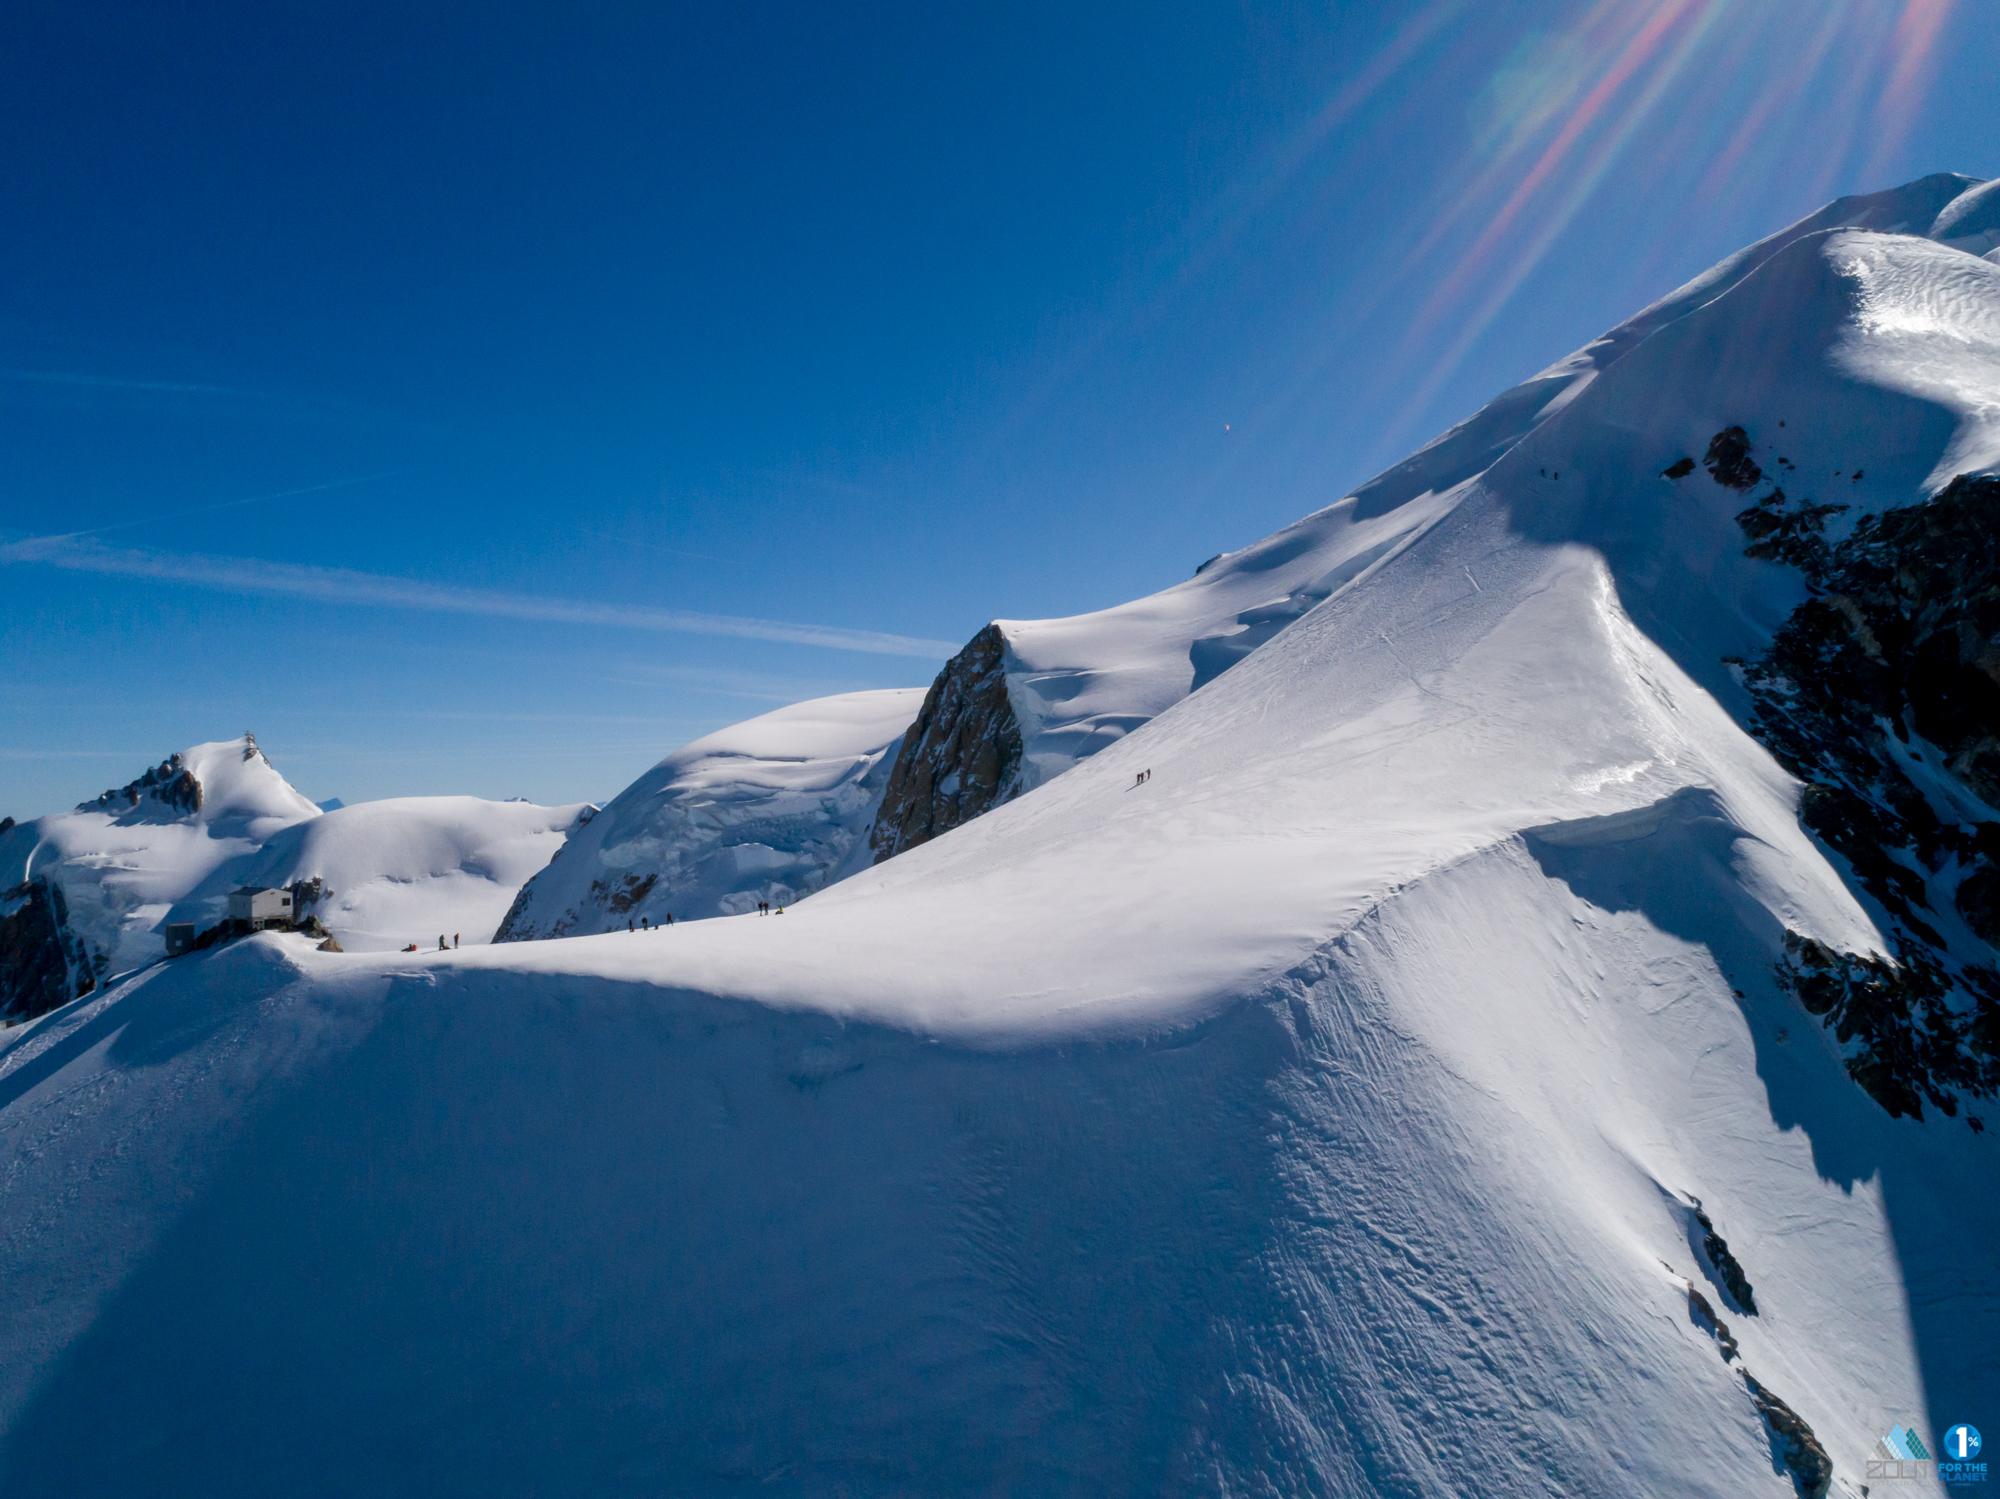 Beklimming Mt Blanc Normaal route foto